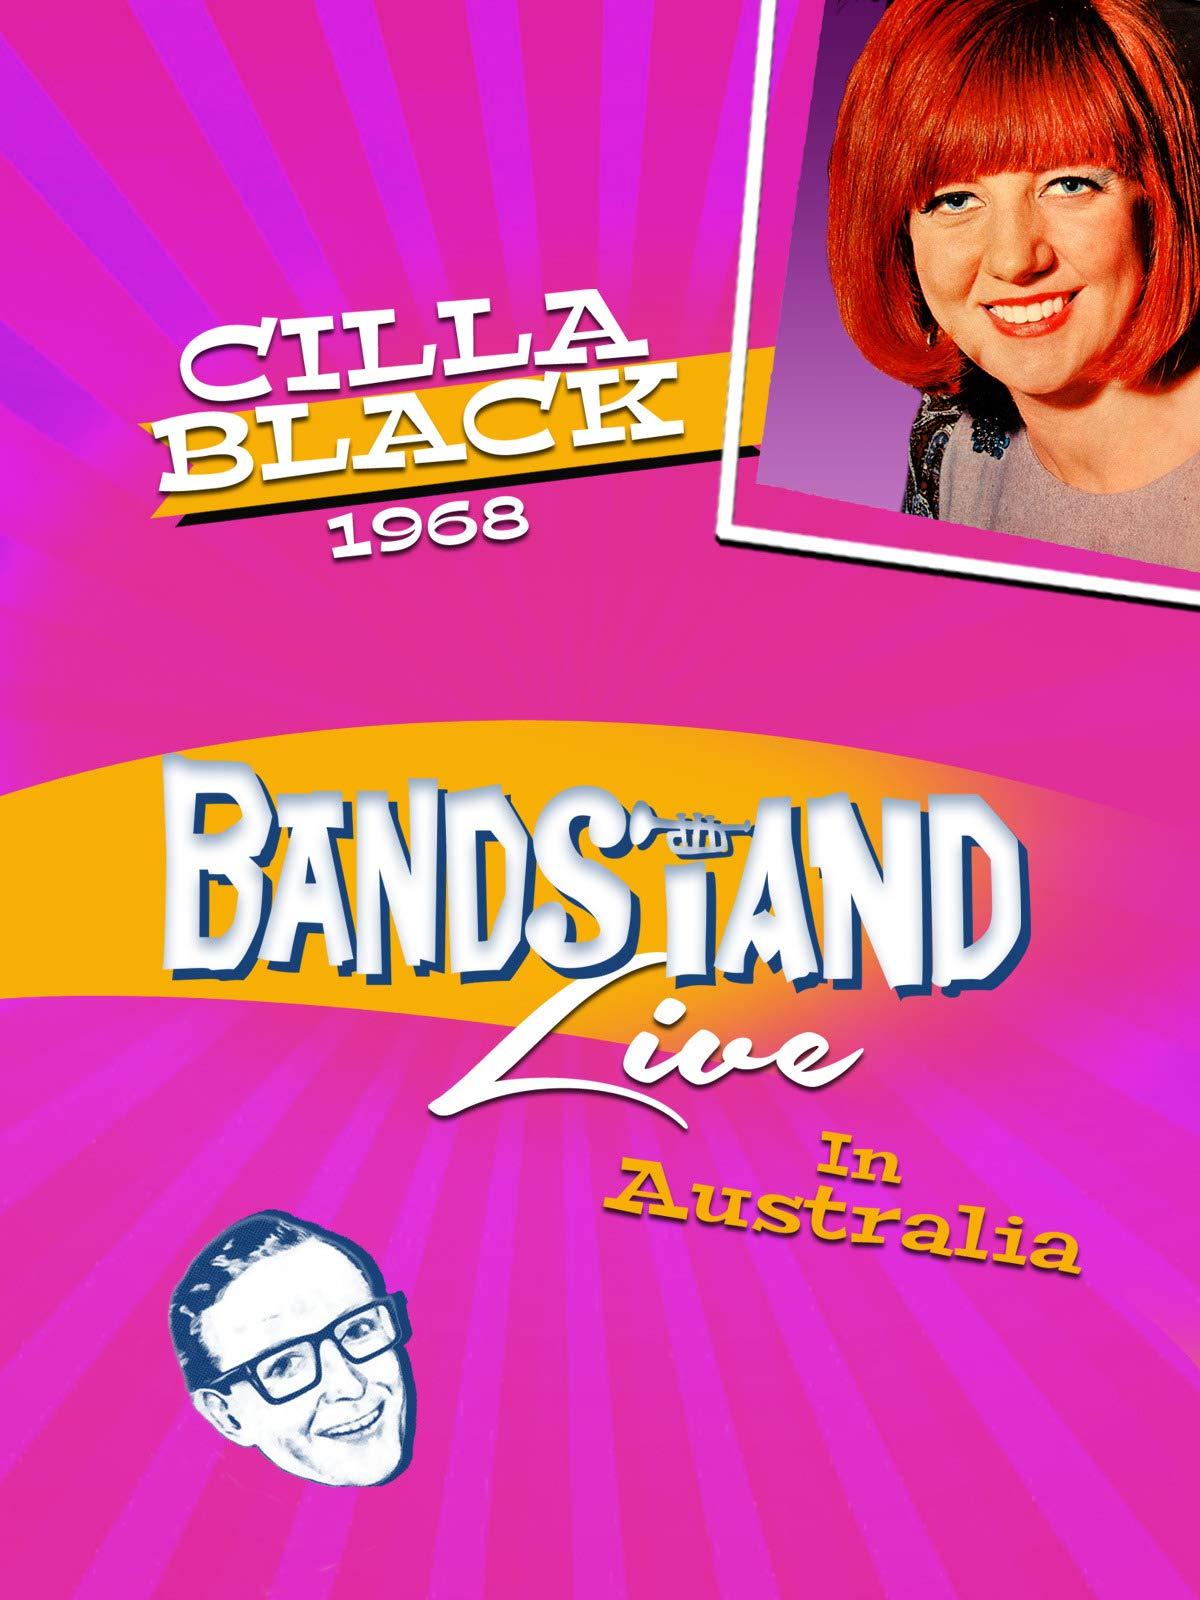 Bandstand Live in Australia: Cilla Black